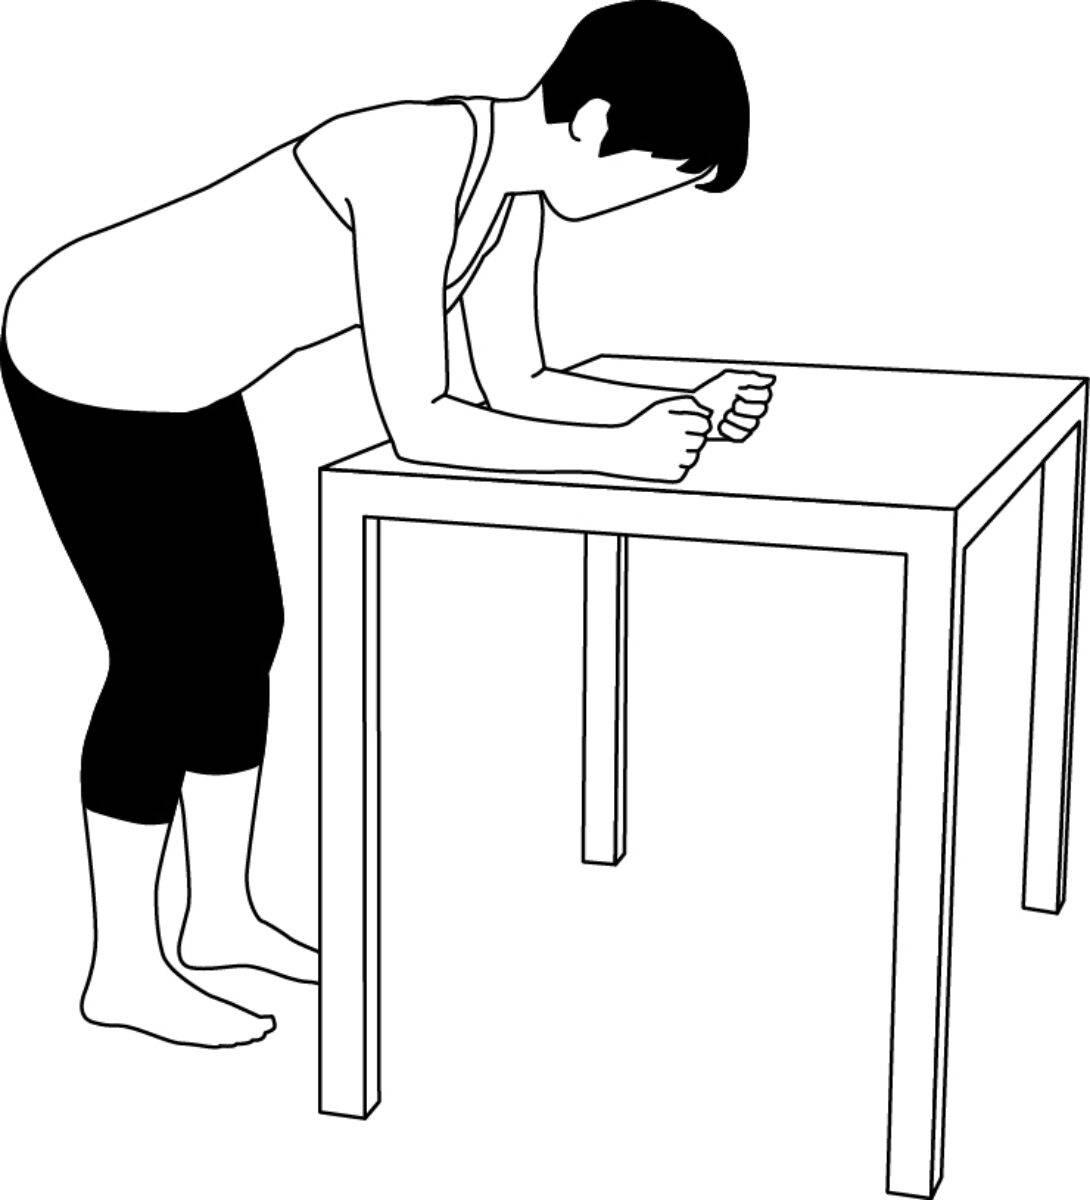 Schulter-Übung 3: Zur Aktivierung der Schultermuskulatur, Ausgangsstellung